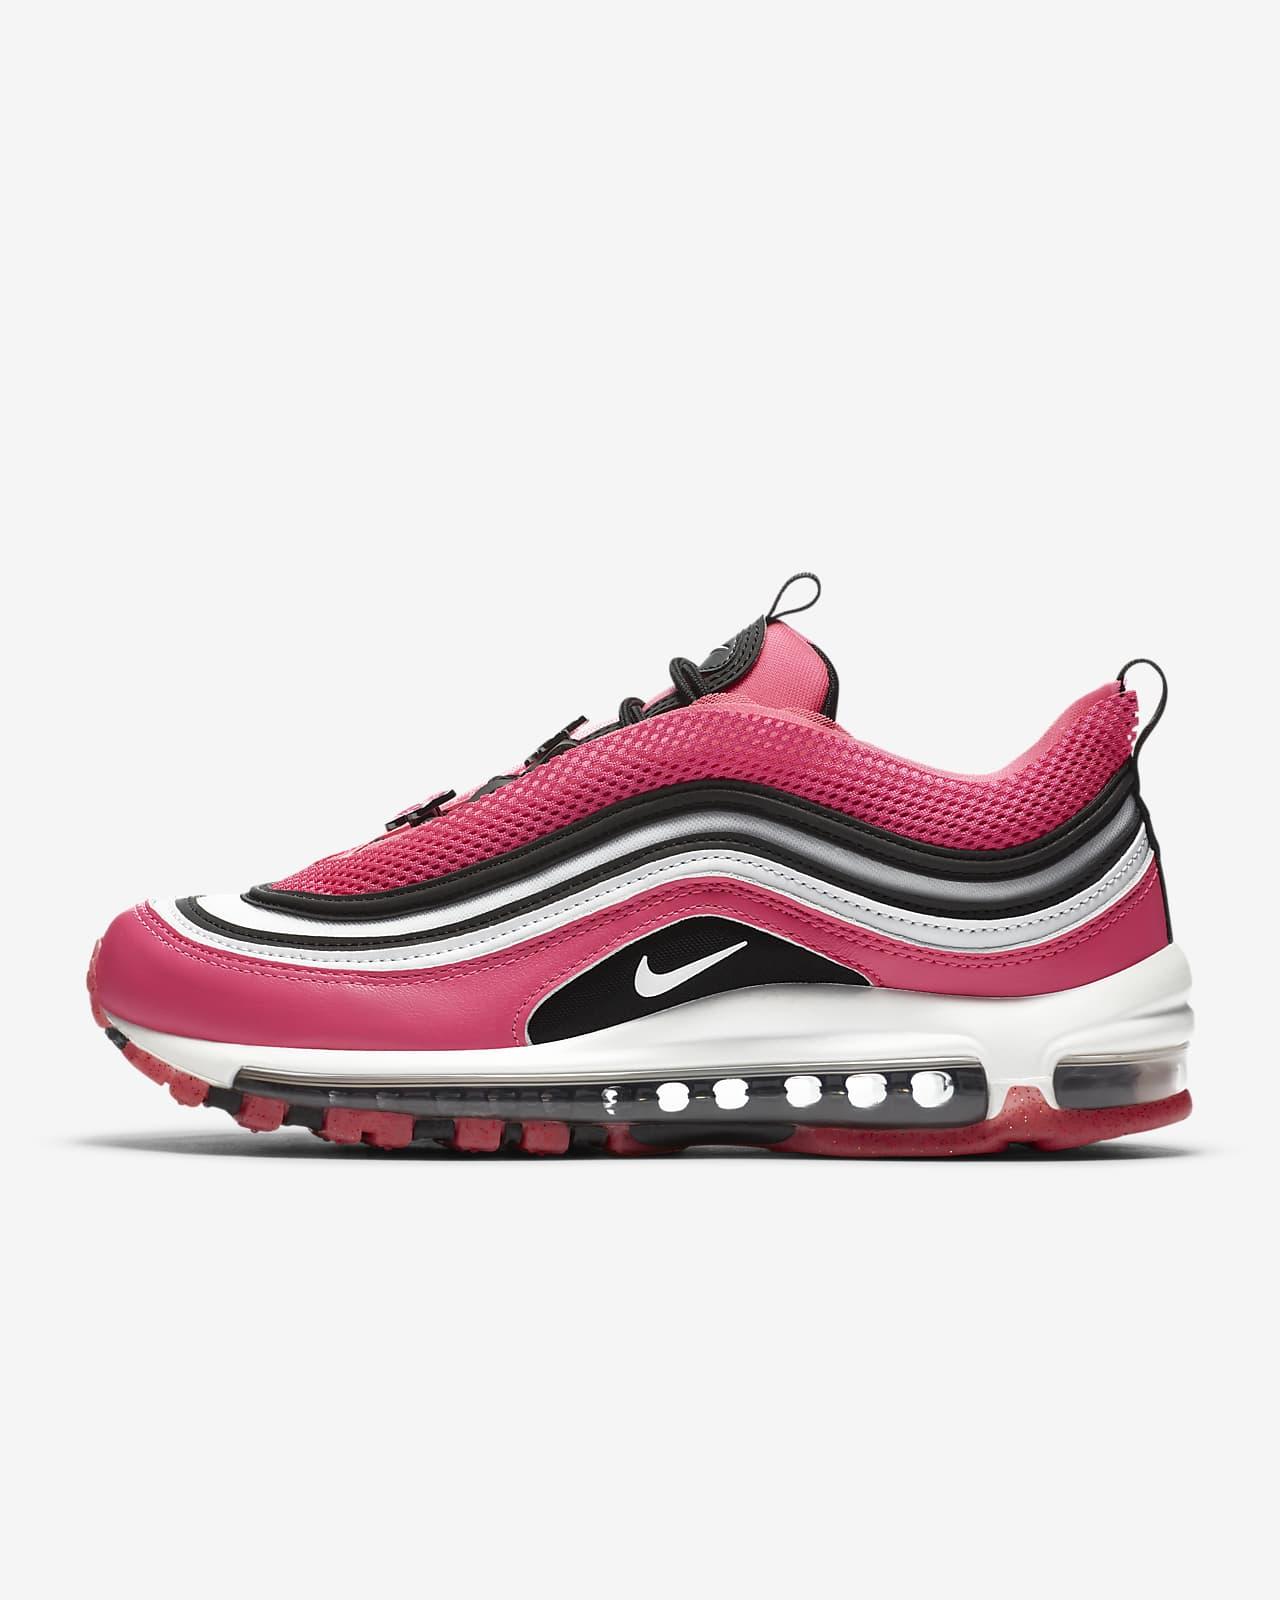 Nike Air Max 97 LX 女子运动鞋